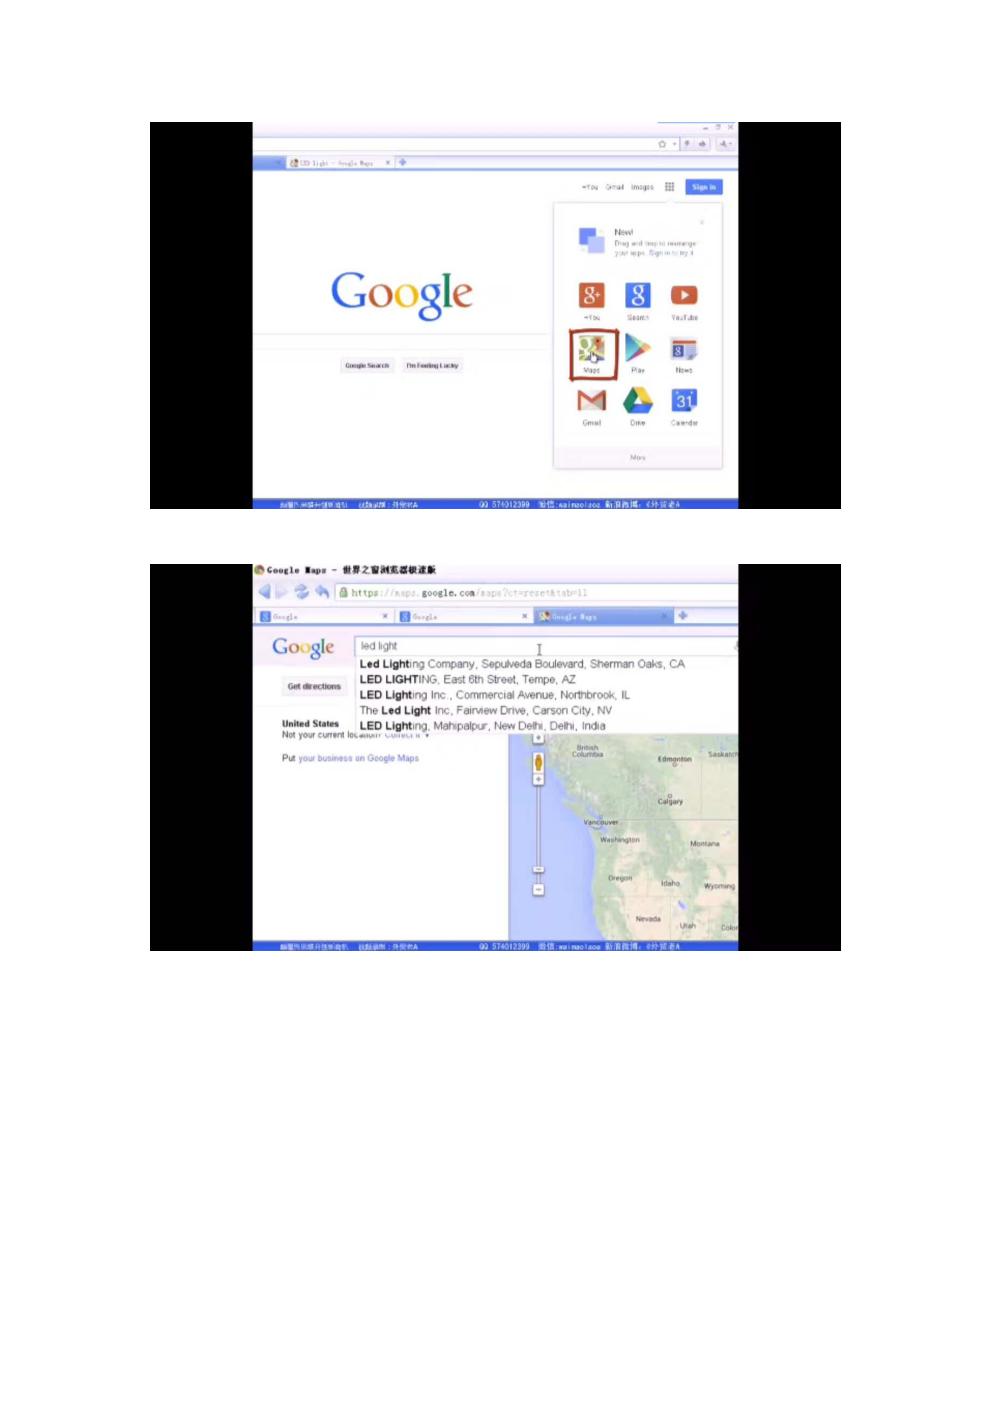 外贸知识之-google地图找客户和GOOGLE指令和Youtube找客户.doc